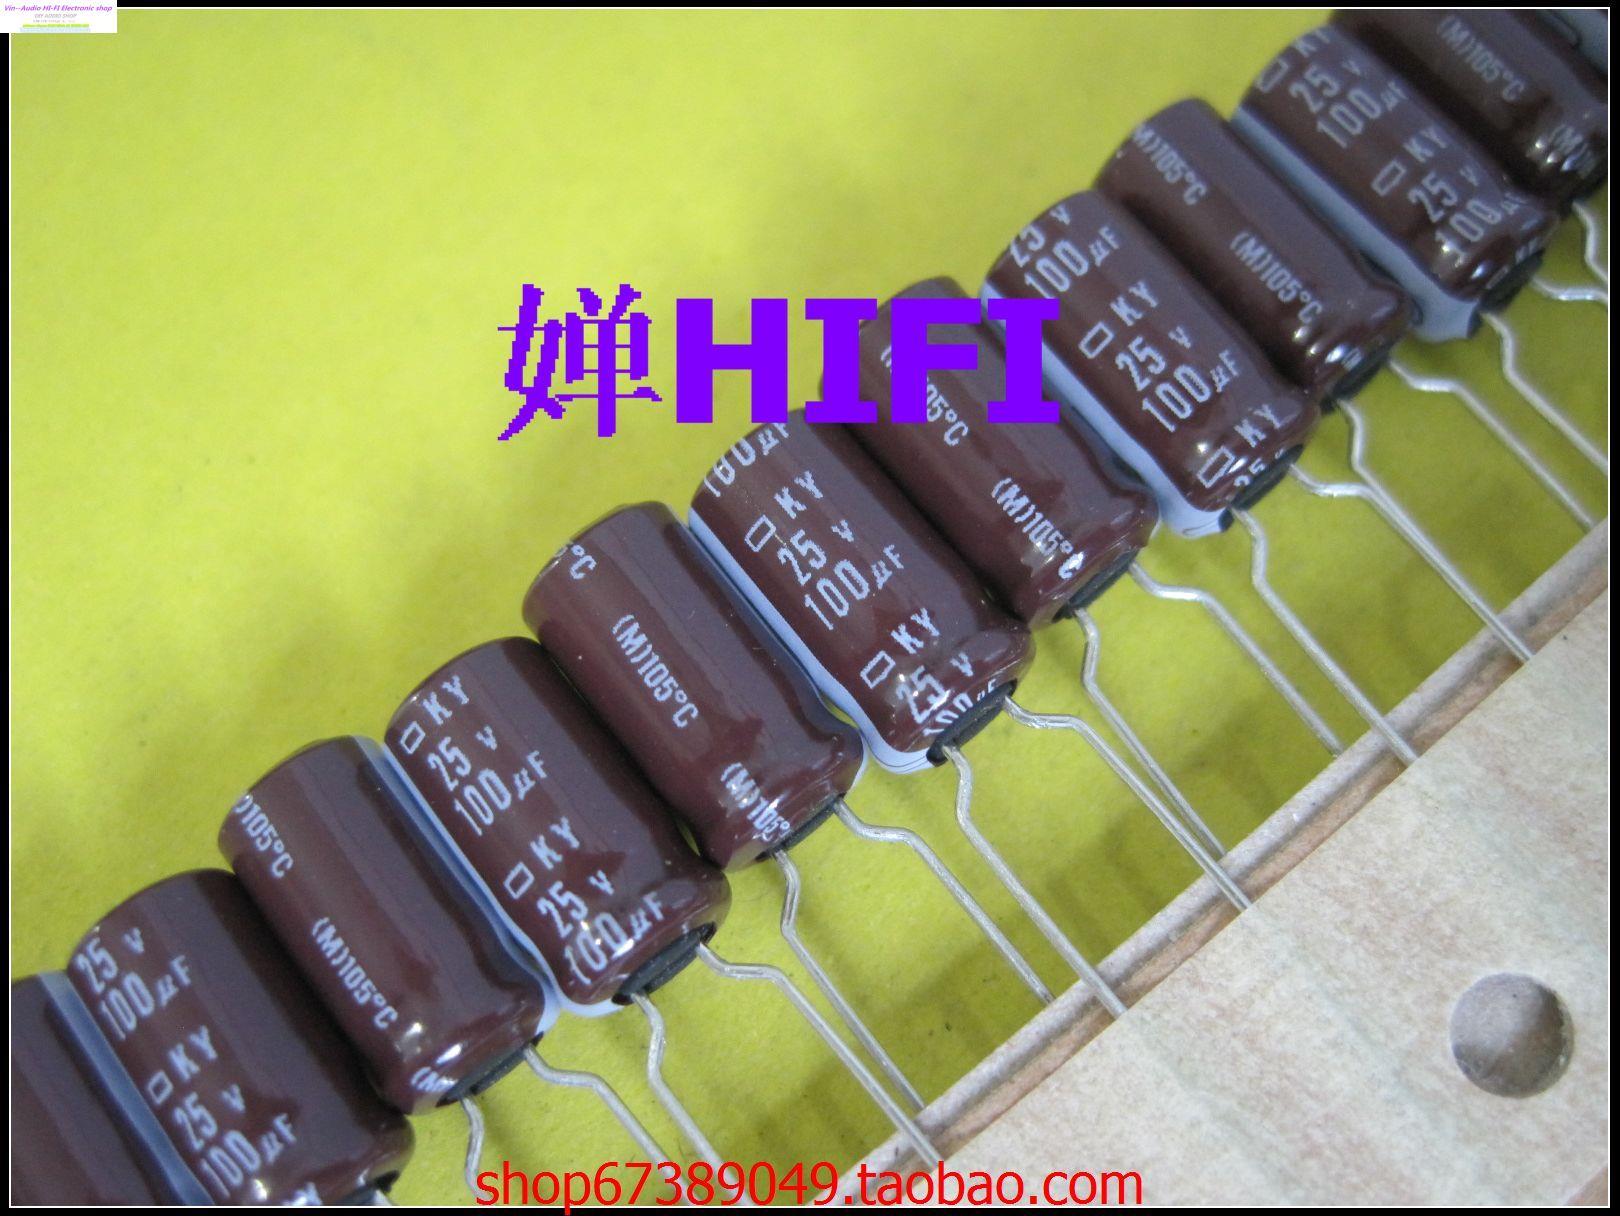 Здесь можно купить  200PCS NCC NIPPON Japan NIPPON genuine Black Edition electrolytic capacitors 25v100uf 6.3x11 KY [ 10 ] FREE SHIPPING  Электронные компоненты и материалы